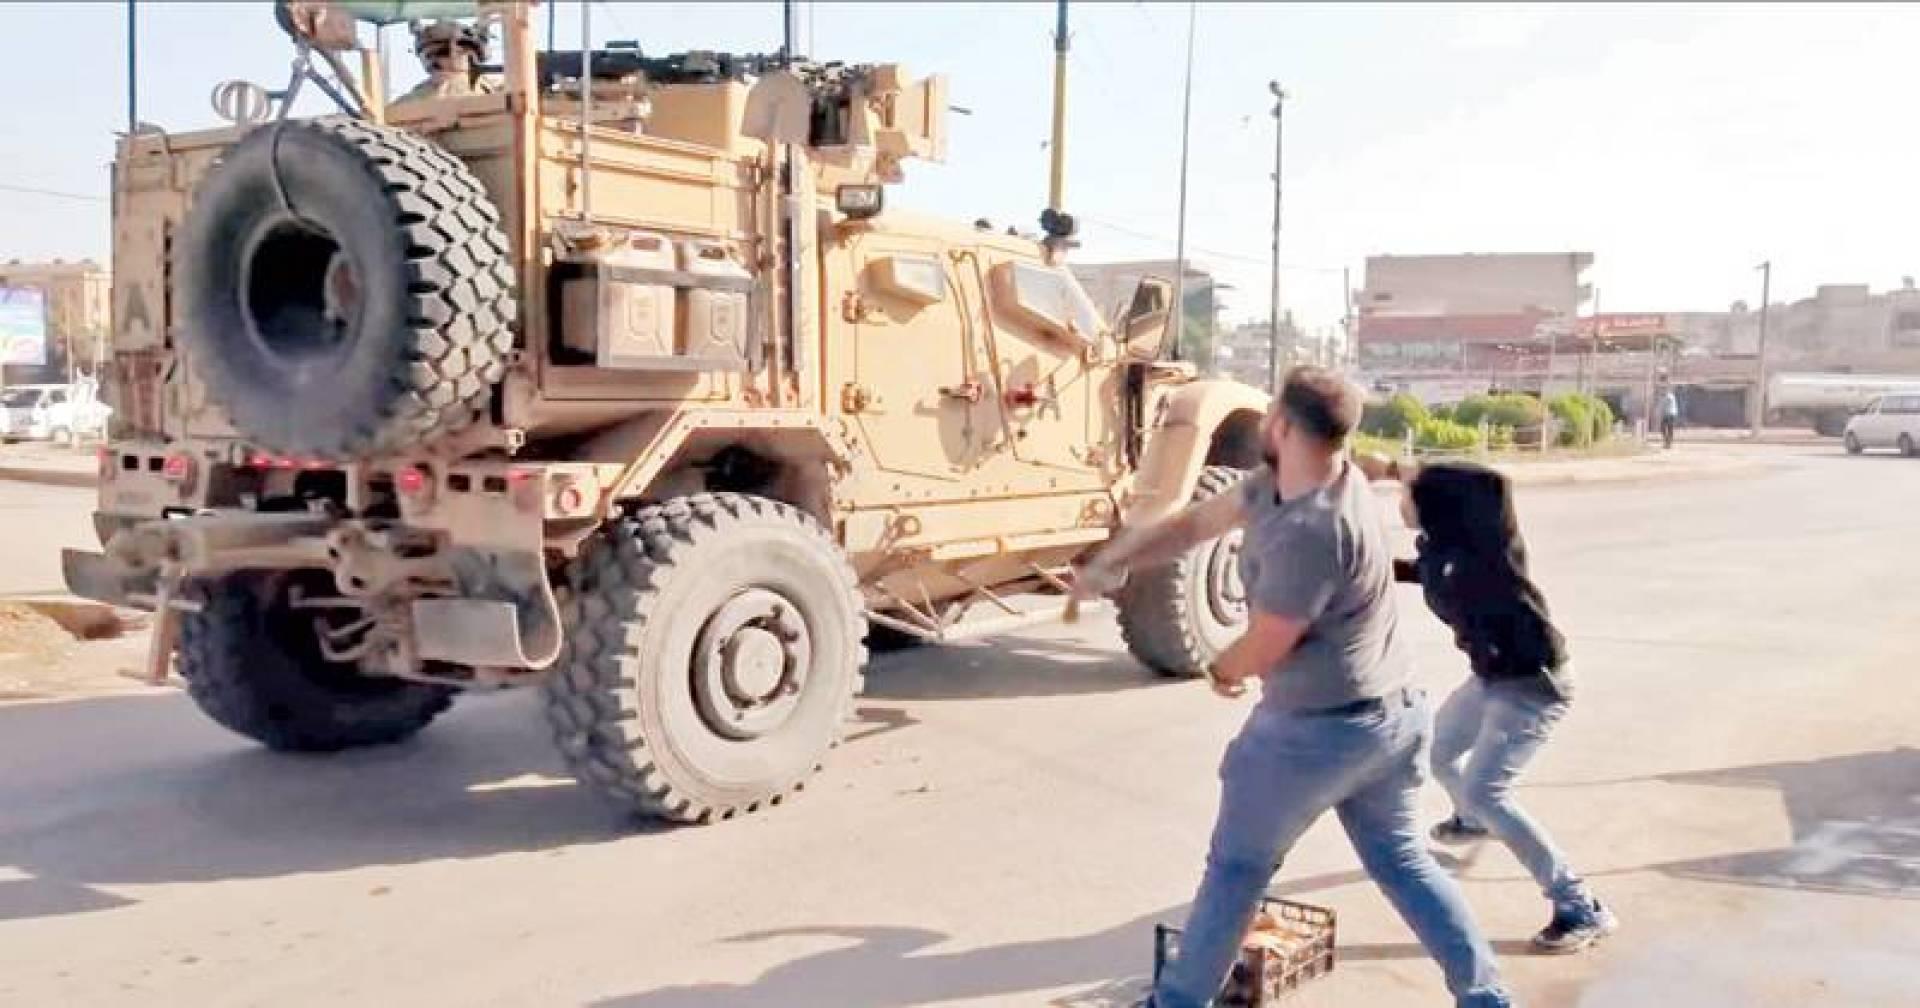 شابان يقذفان بالبطاطا مركبة عسكرية أميركية في مدينة القامشلي بالحسكة احتجاجاً على انسحاب قوات الولايات المتحدة من مناطق الأكراد | أ.ب